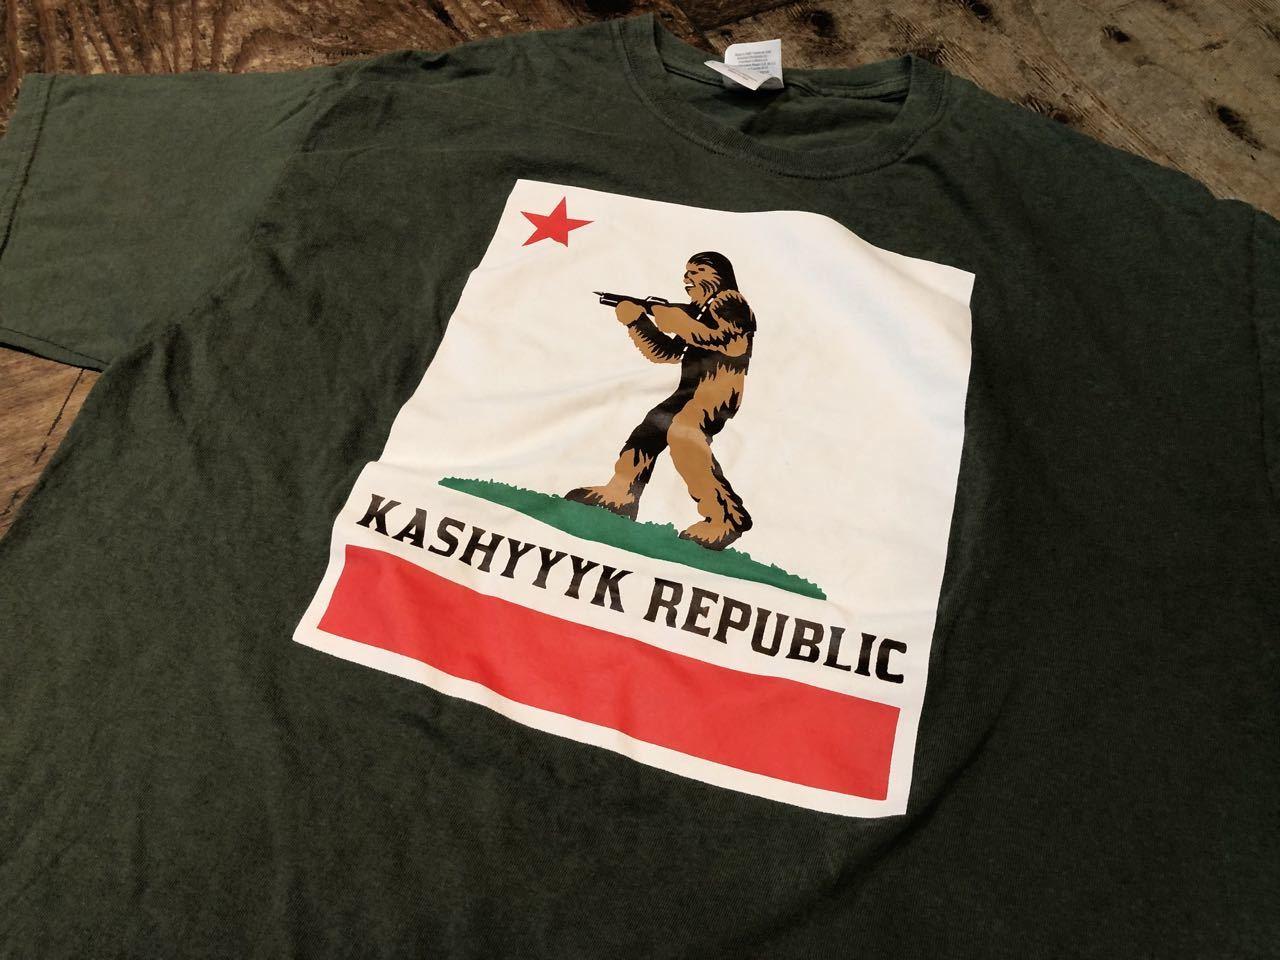 6/29(月)入荷! Carfornia Repubric パロディー STAR WARS キャッシーク共和国 KASHYYYK REPUBLIC Tシャツ!_c0144020_13060404.jpg